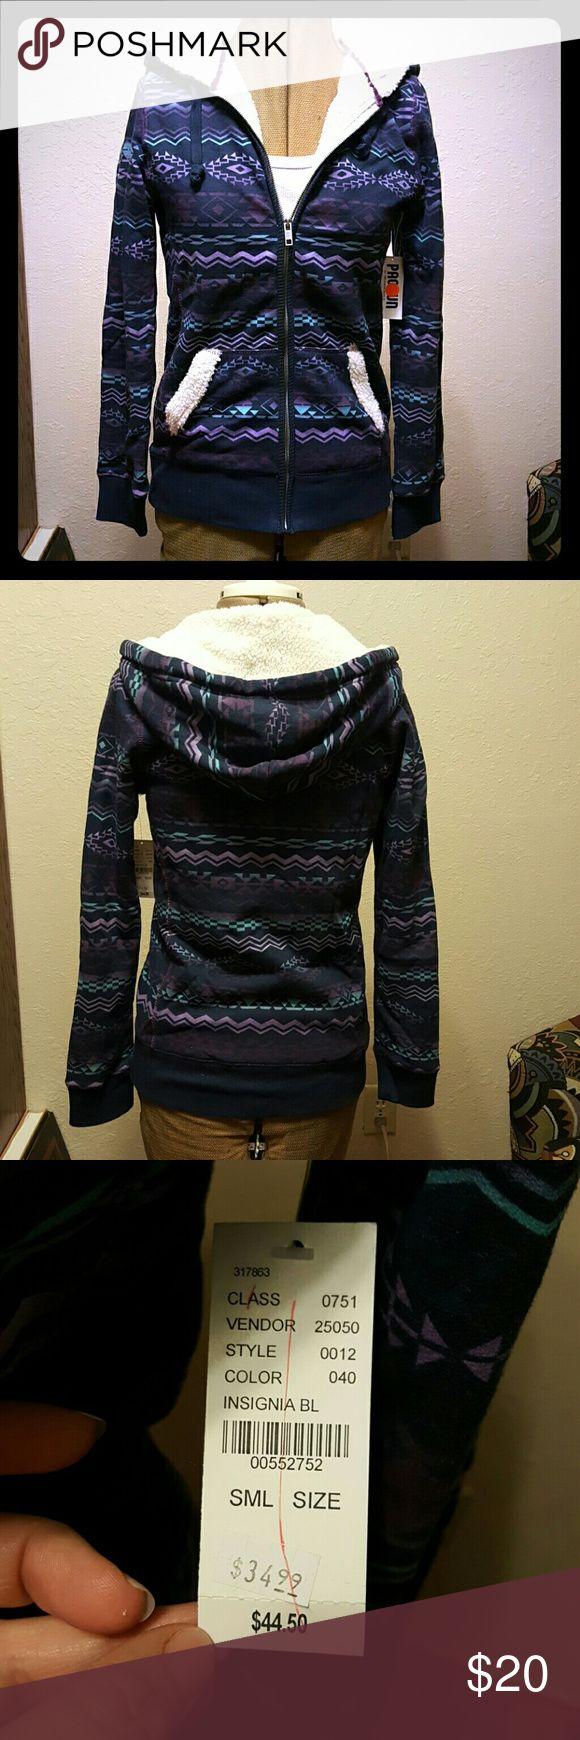 Nollie zip up hoodie Zip up hoodie with Aztec design and super soft inner lining. Nollie Tops Sweatshirts & Hoodies